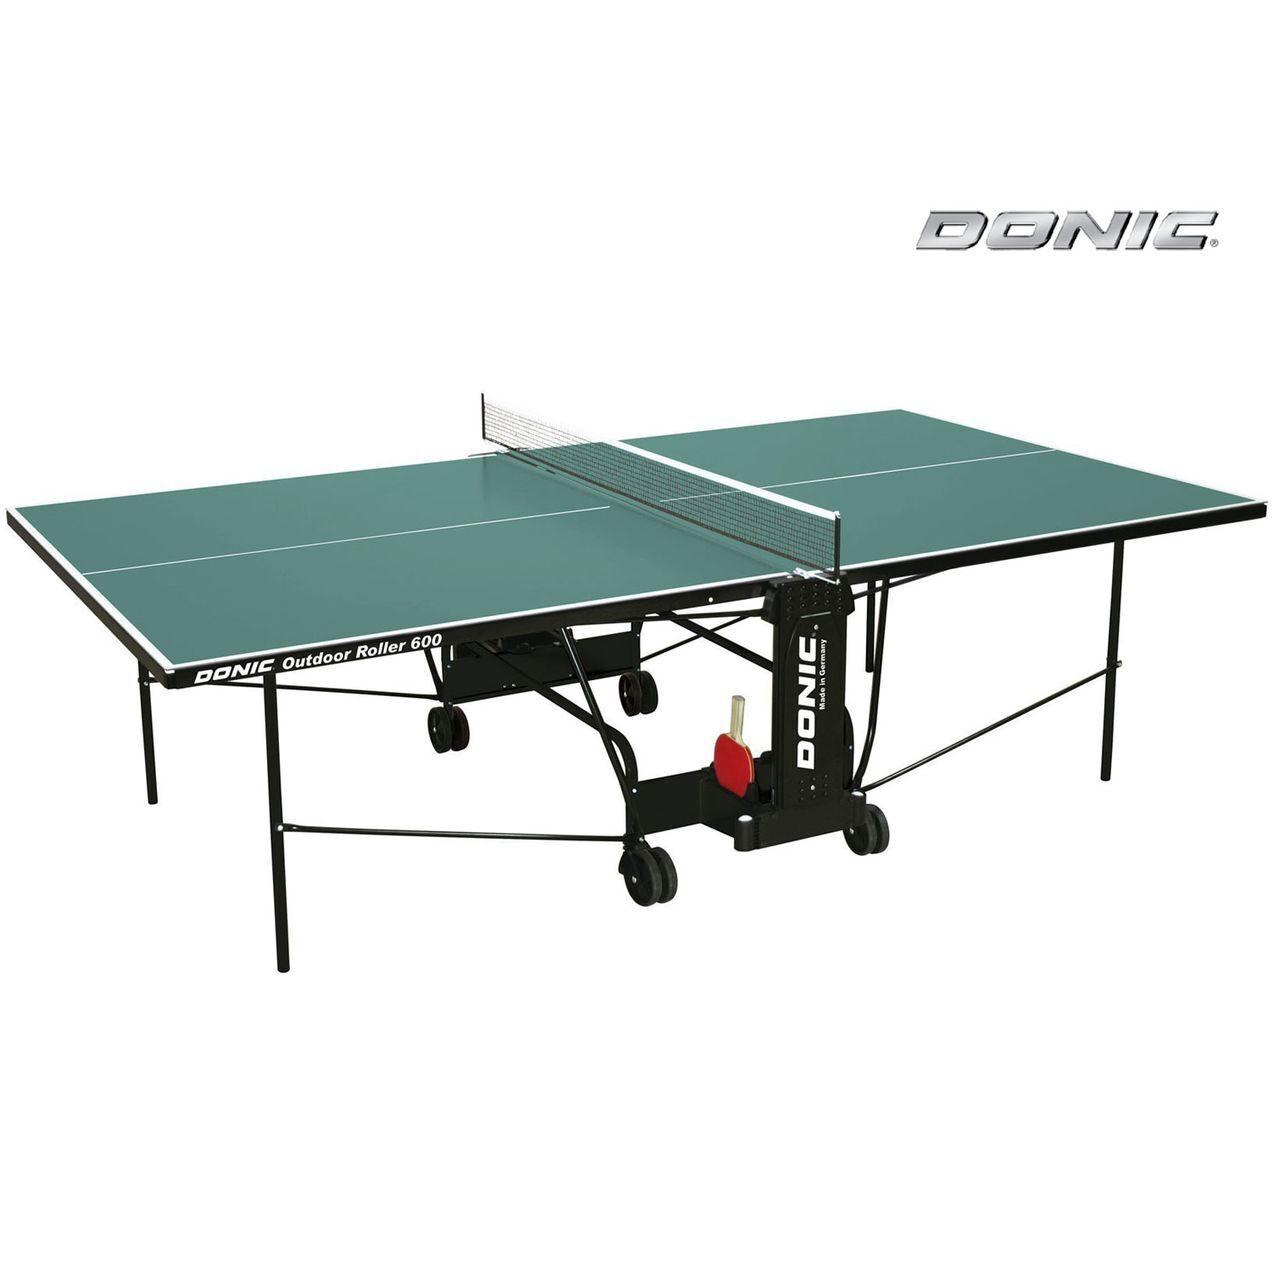 Всепогодный теннисный стол Donic Outdoor Roller 600 green 230293-G